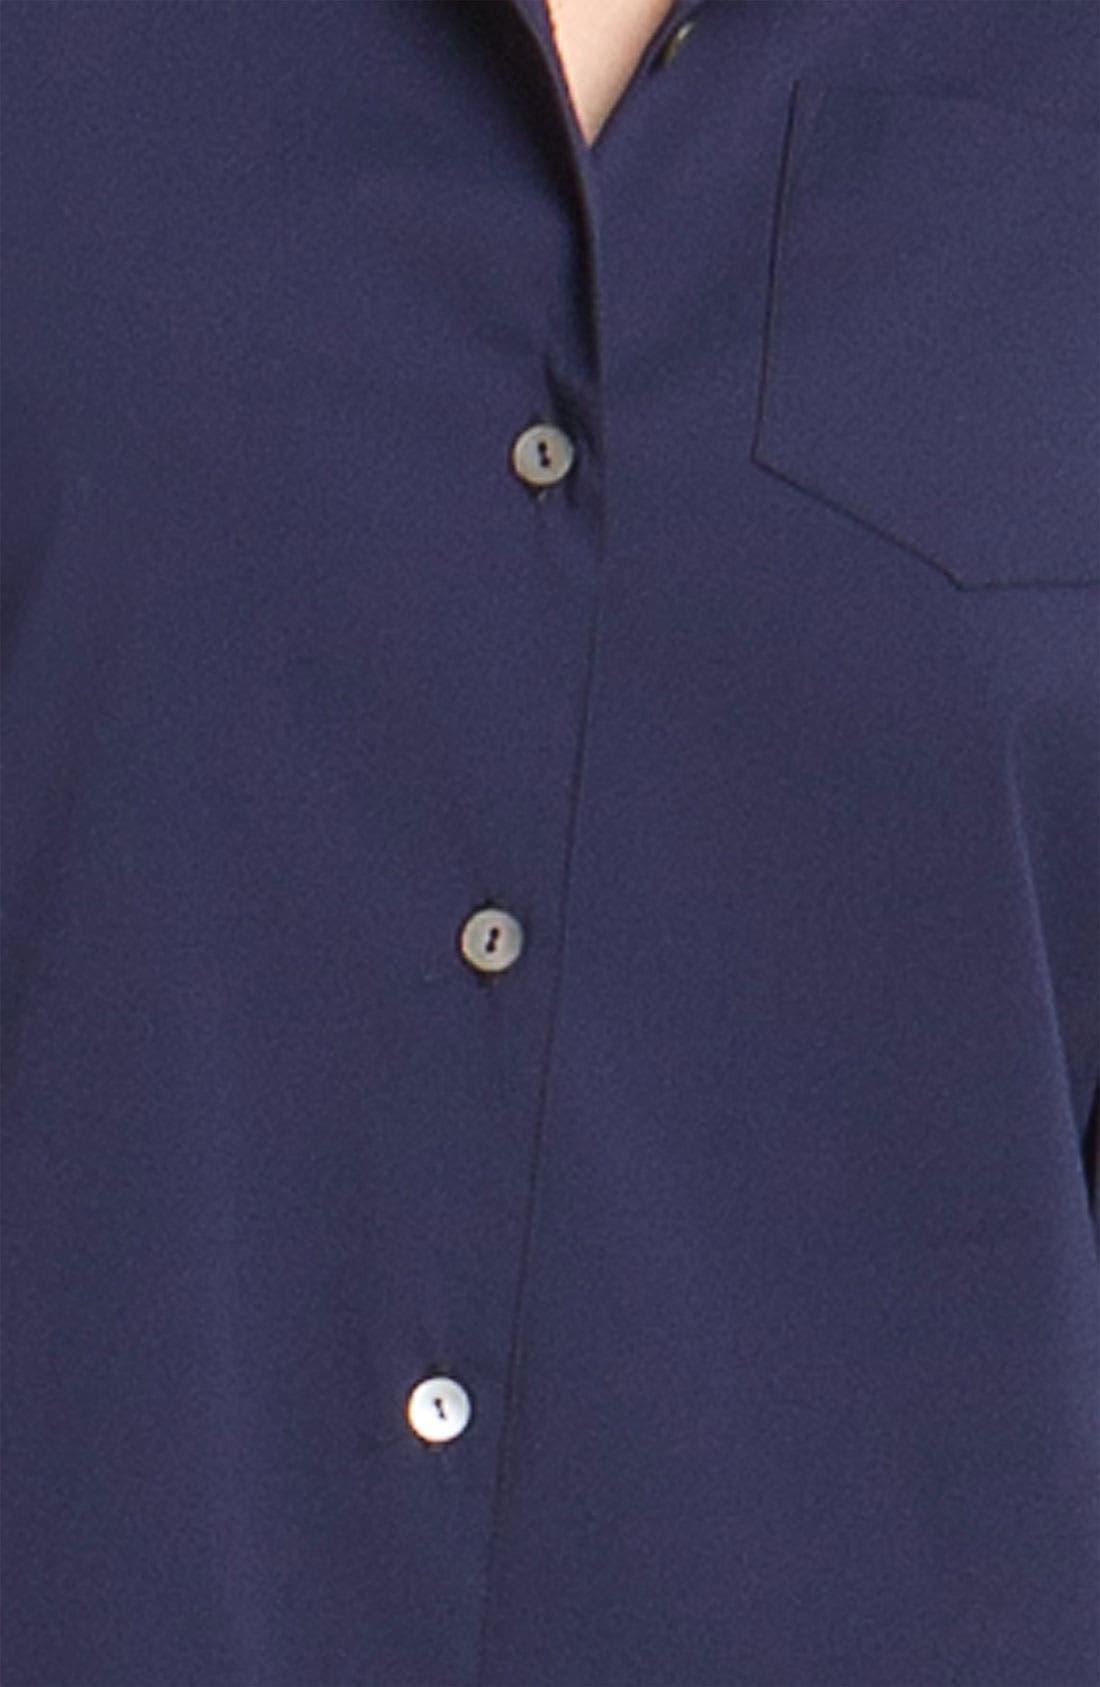 Alternate Image 3  - Theory 'Madlaina - Luxe' Shirtdress